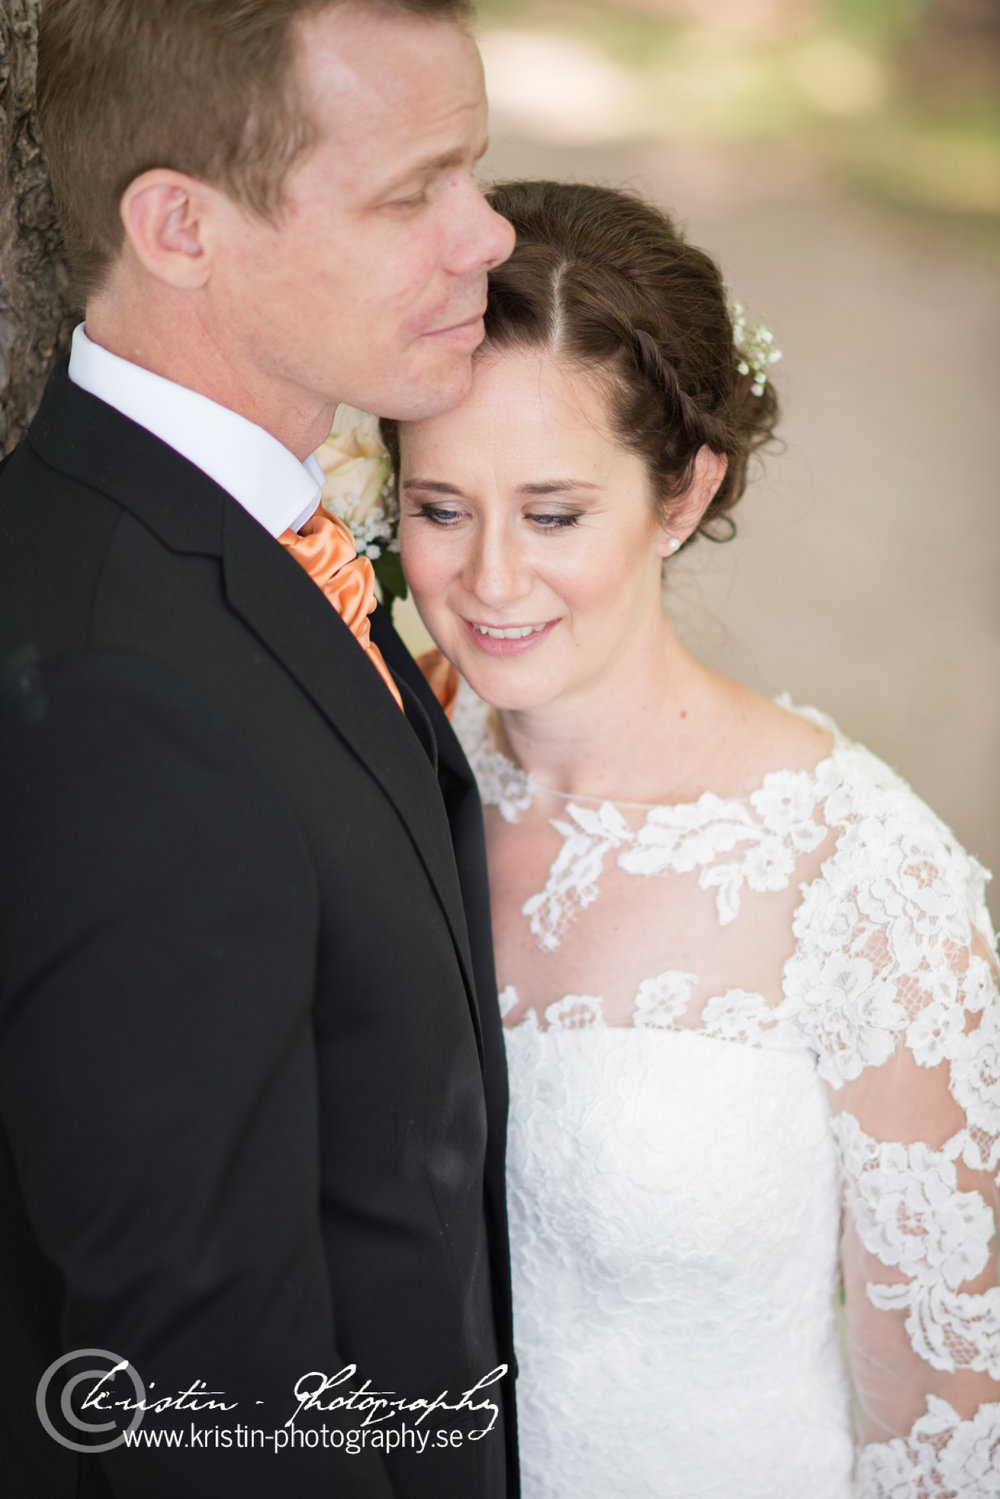 Bröllopsfotograf i Eskilstuna, Kristin - Photography, weddingphotographer -84.jpg